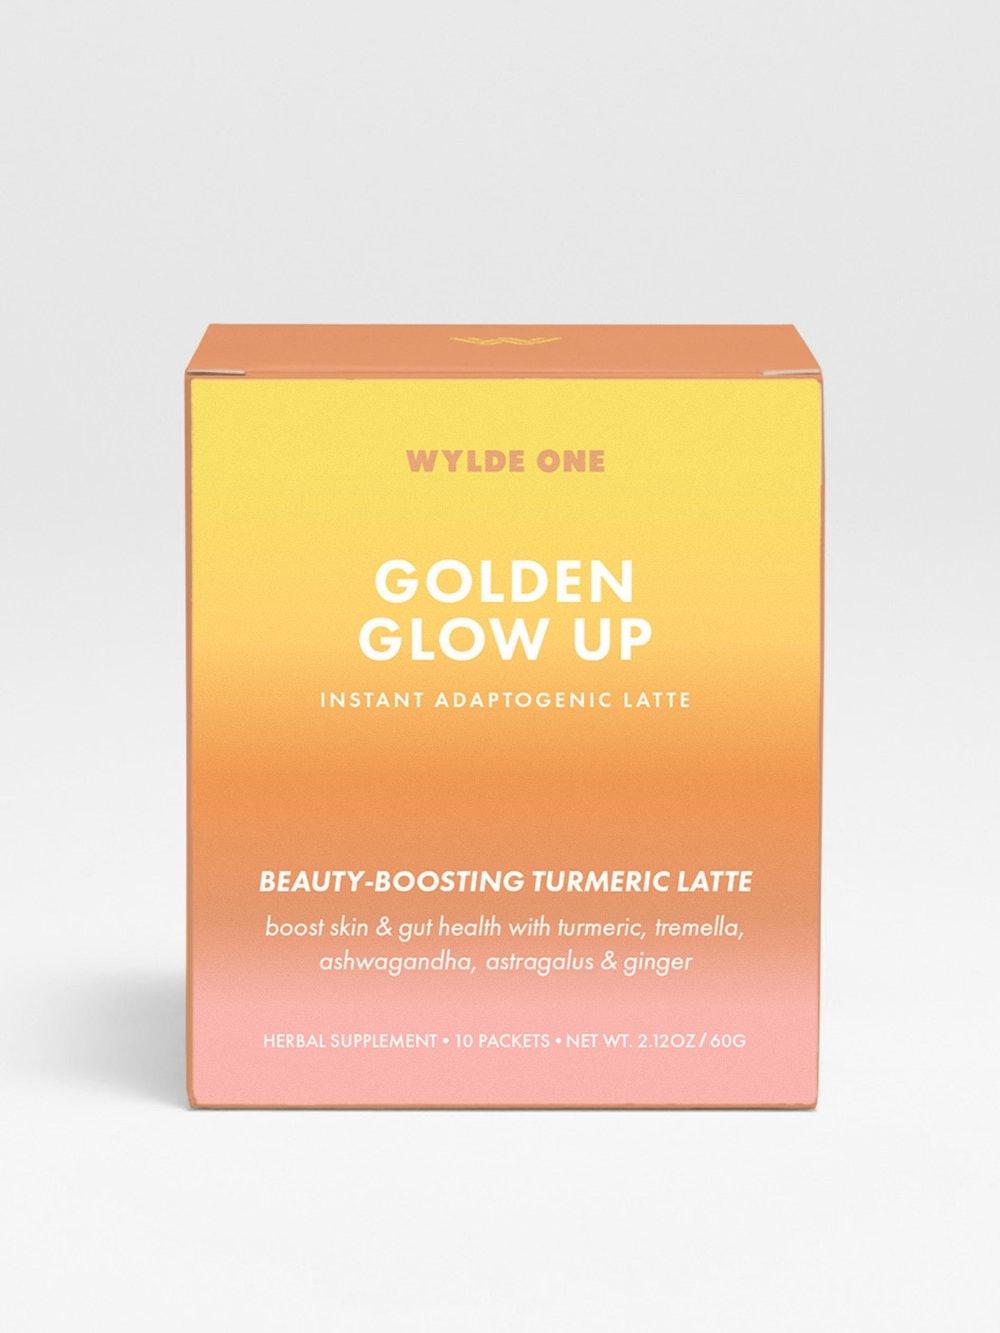 Golden Glow Up Instant Adaptogenic Latte